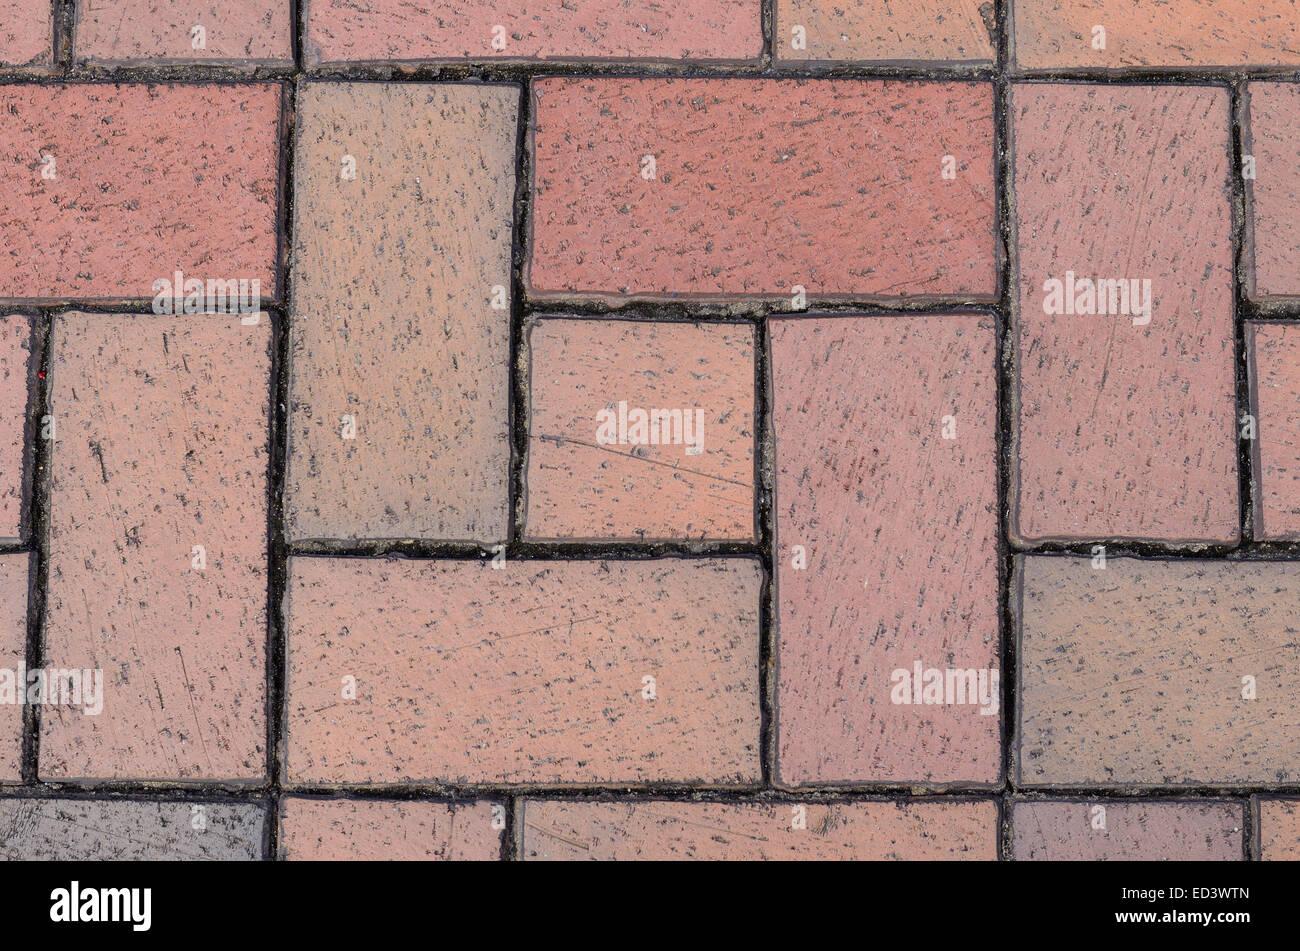 Mur de brique illustration vectoriel continu - fond texture pattern pour reproduire en continu Photo Stock